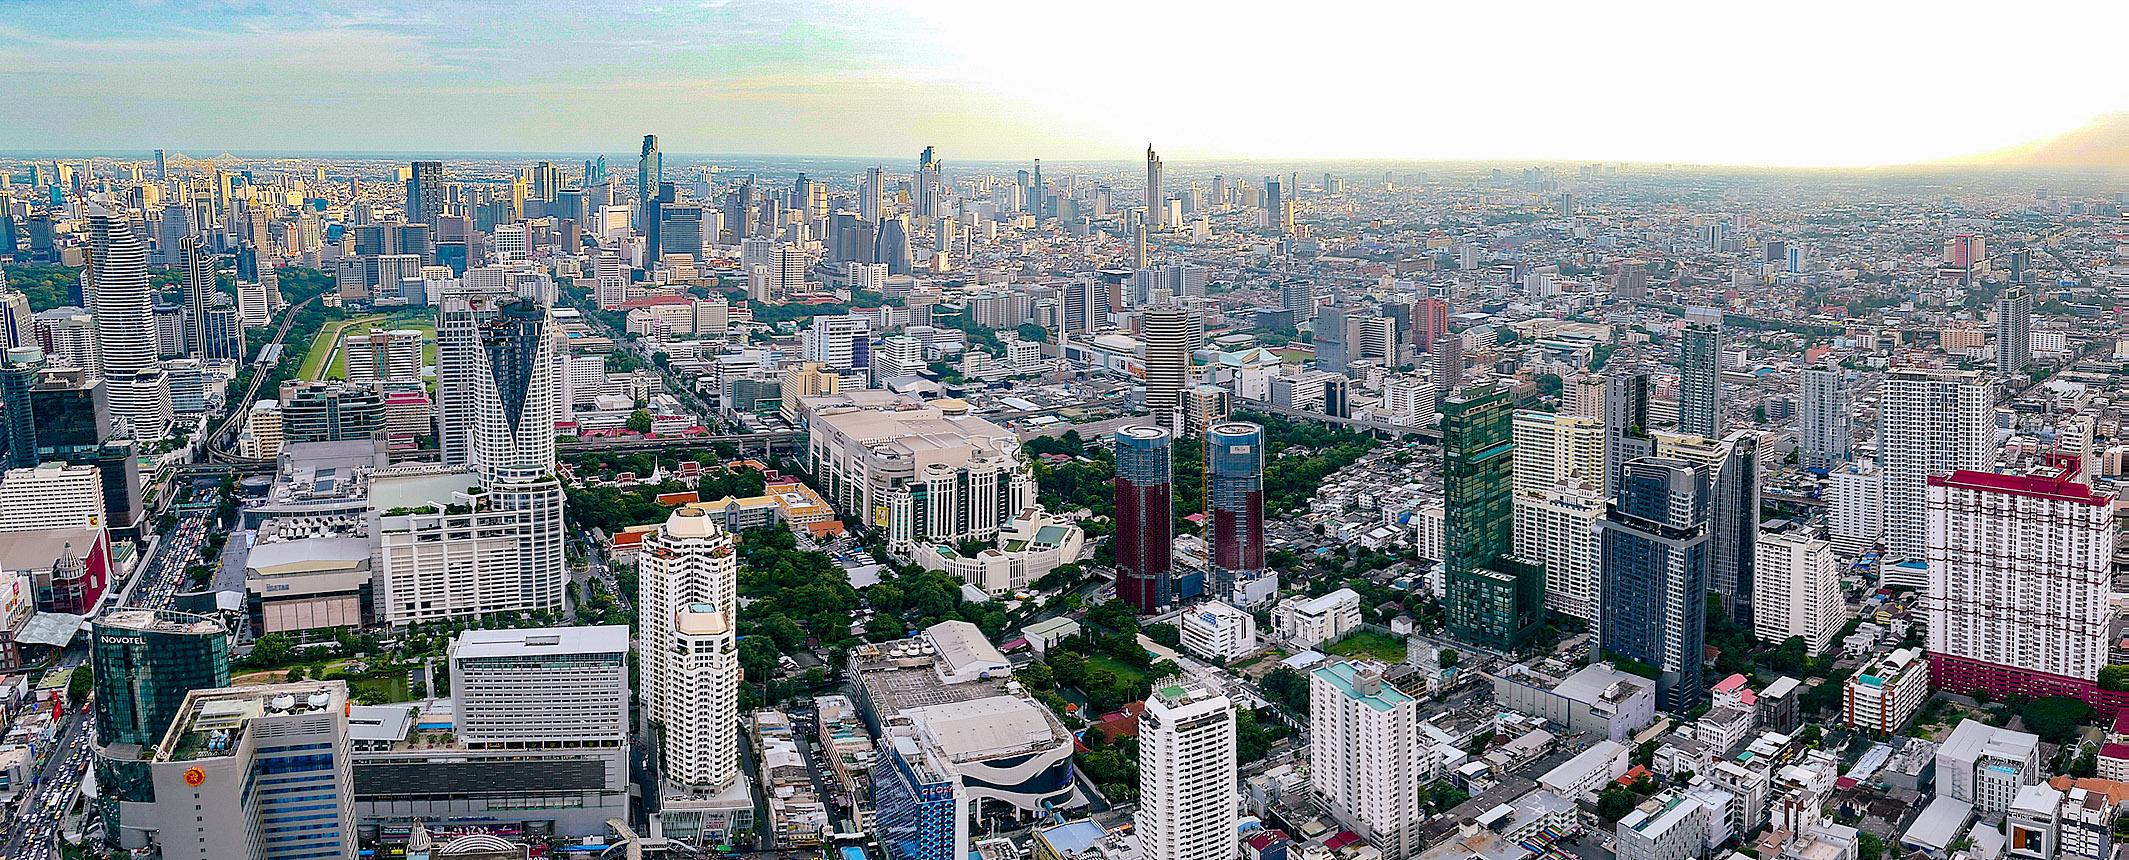 Bangkok Panorama 02 sm by Old Pink.jpg